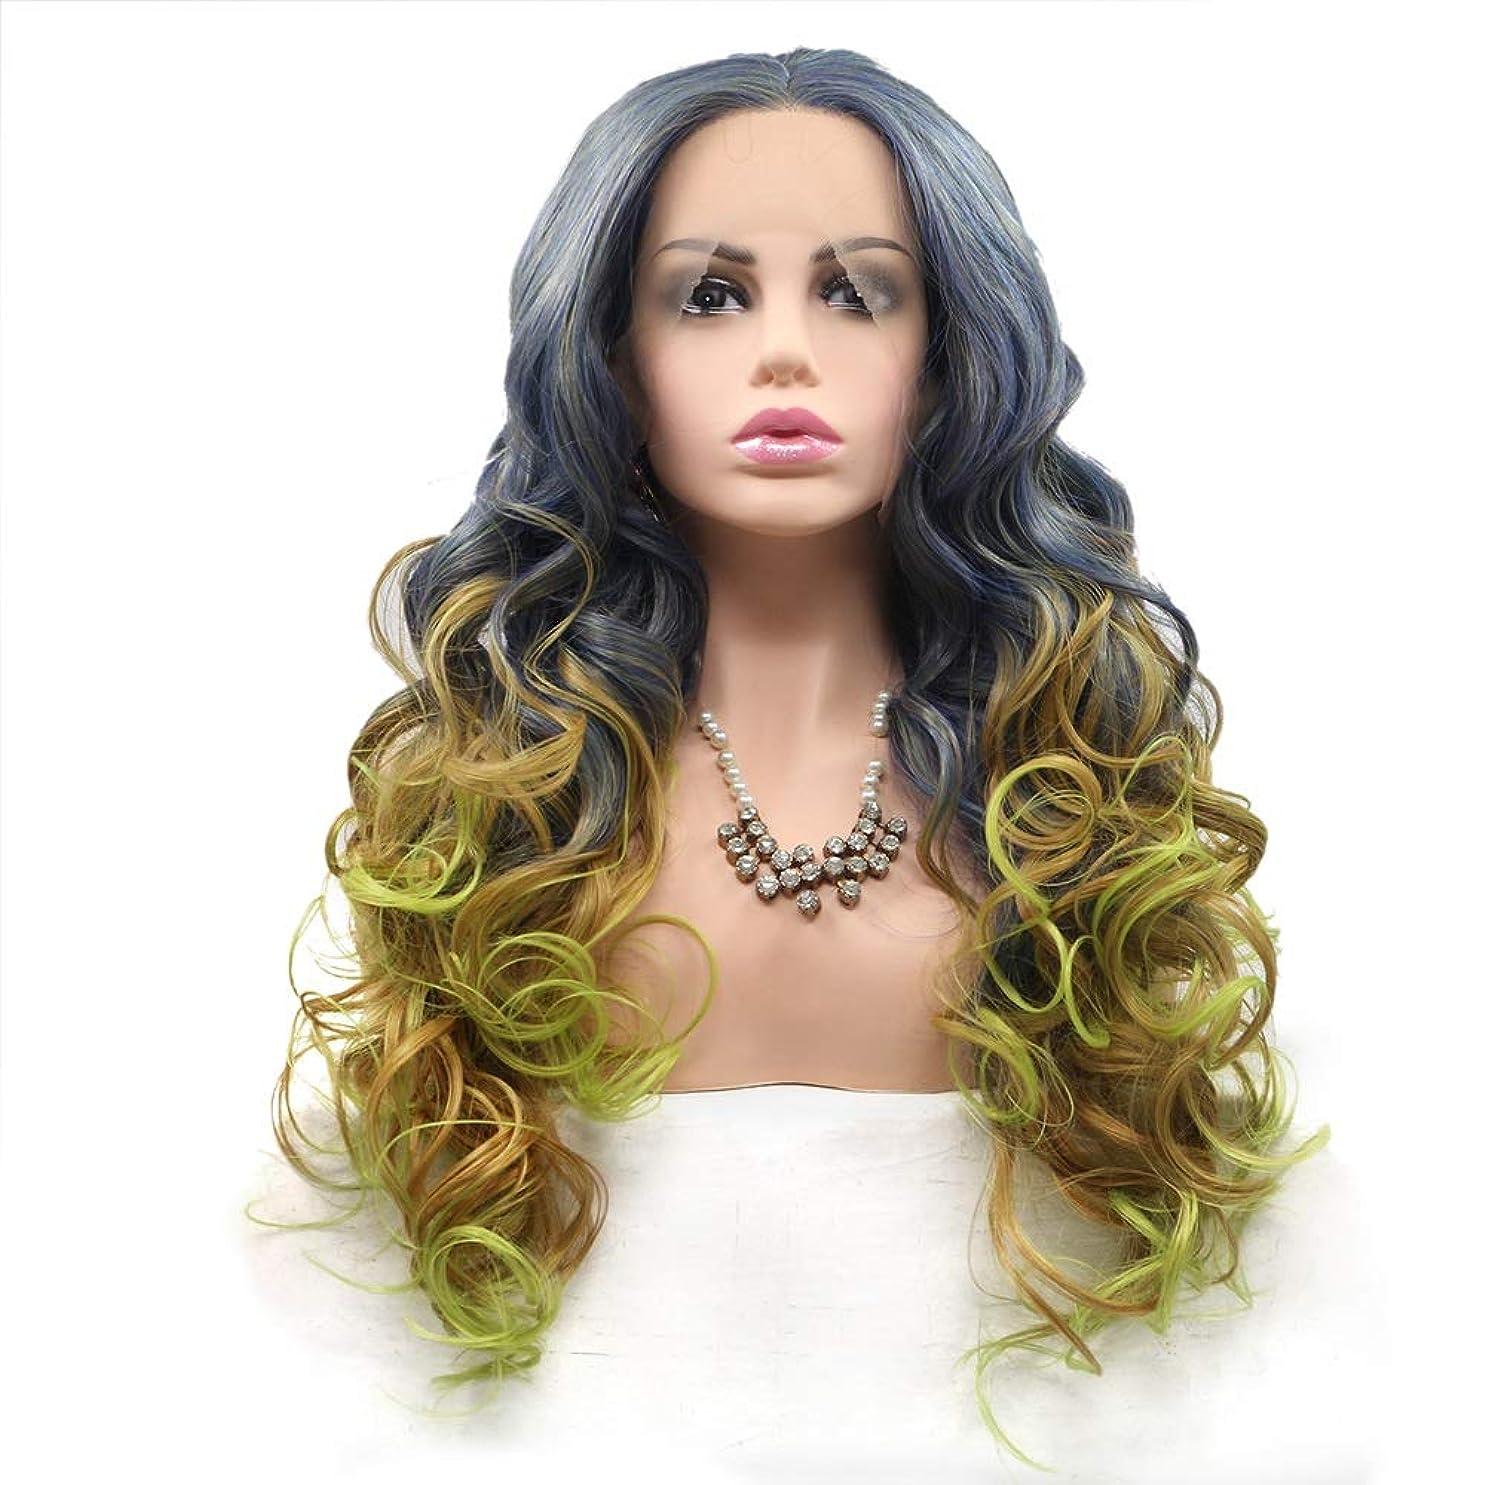 無心透明に類人猿ZXF 染色された女性のヨーロッパとアメリカのかつらは化学繊維かつら髪セットの真ん中にセット - グリーン - 長い巻き毛 - グラデーション - 多色 美しい